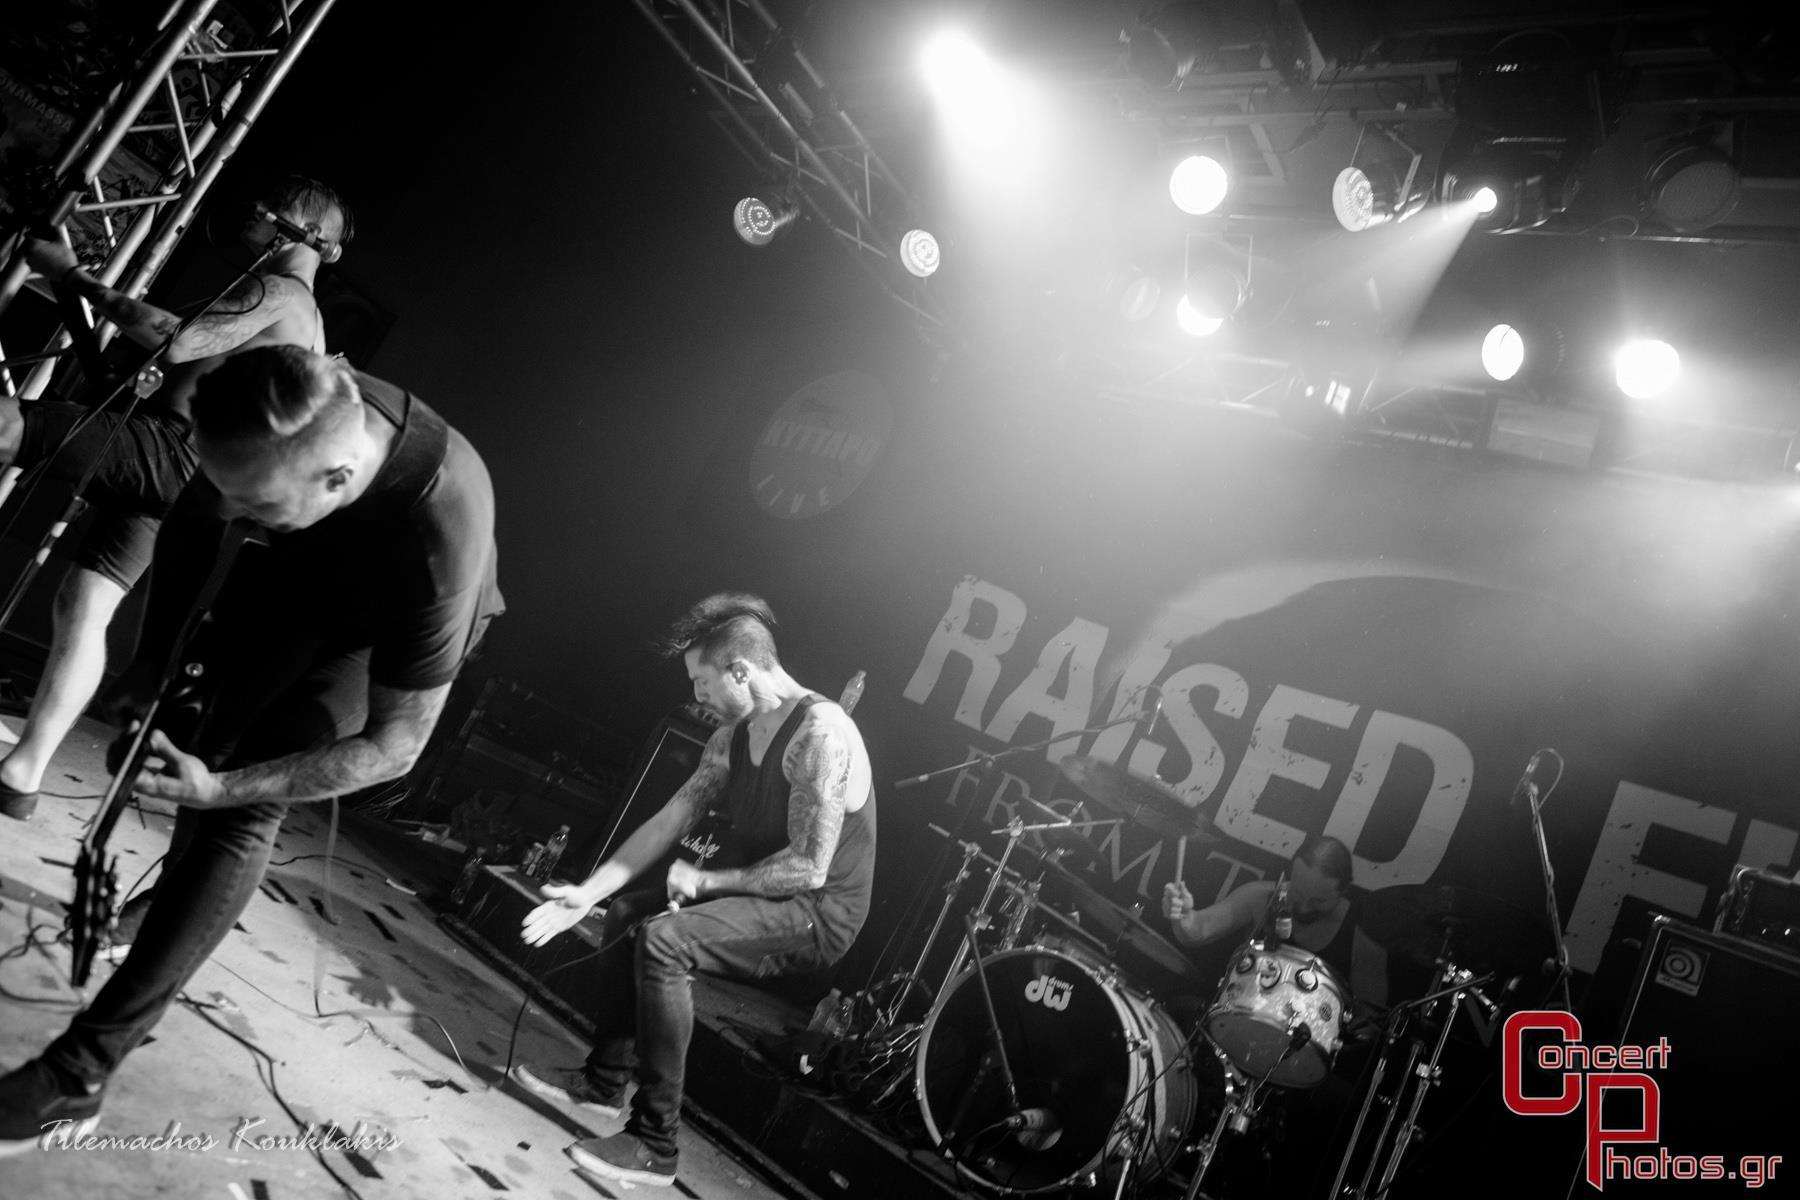 Raised Fist - Endsight - The Locals-Raised Fist photographer:  - 01_Raised Fist_05